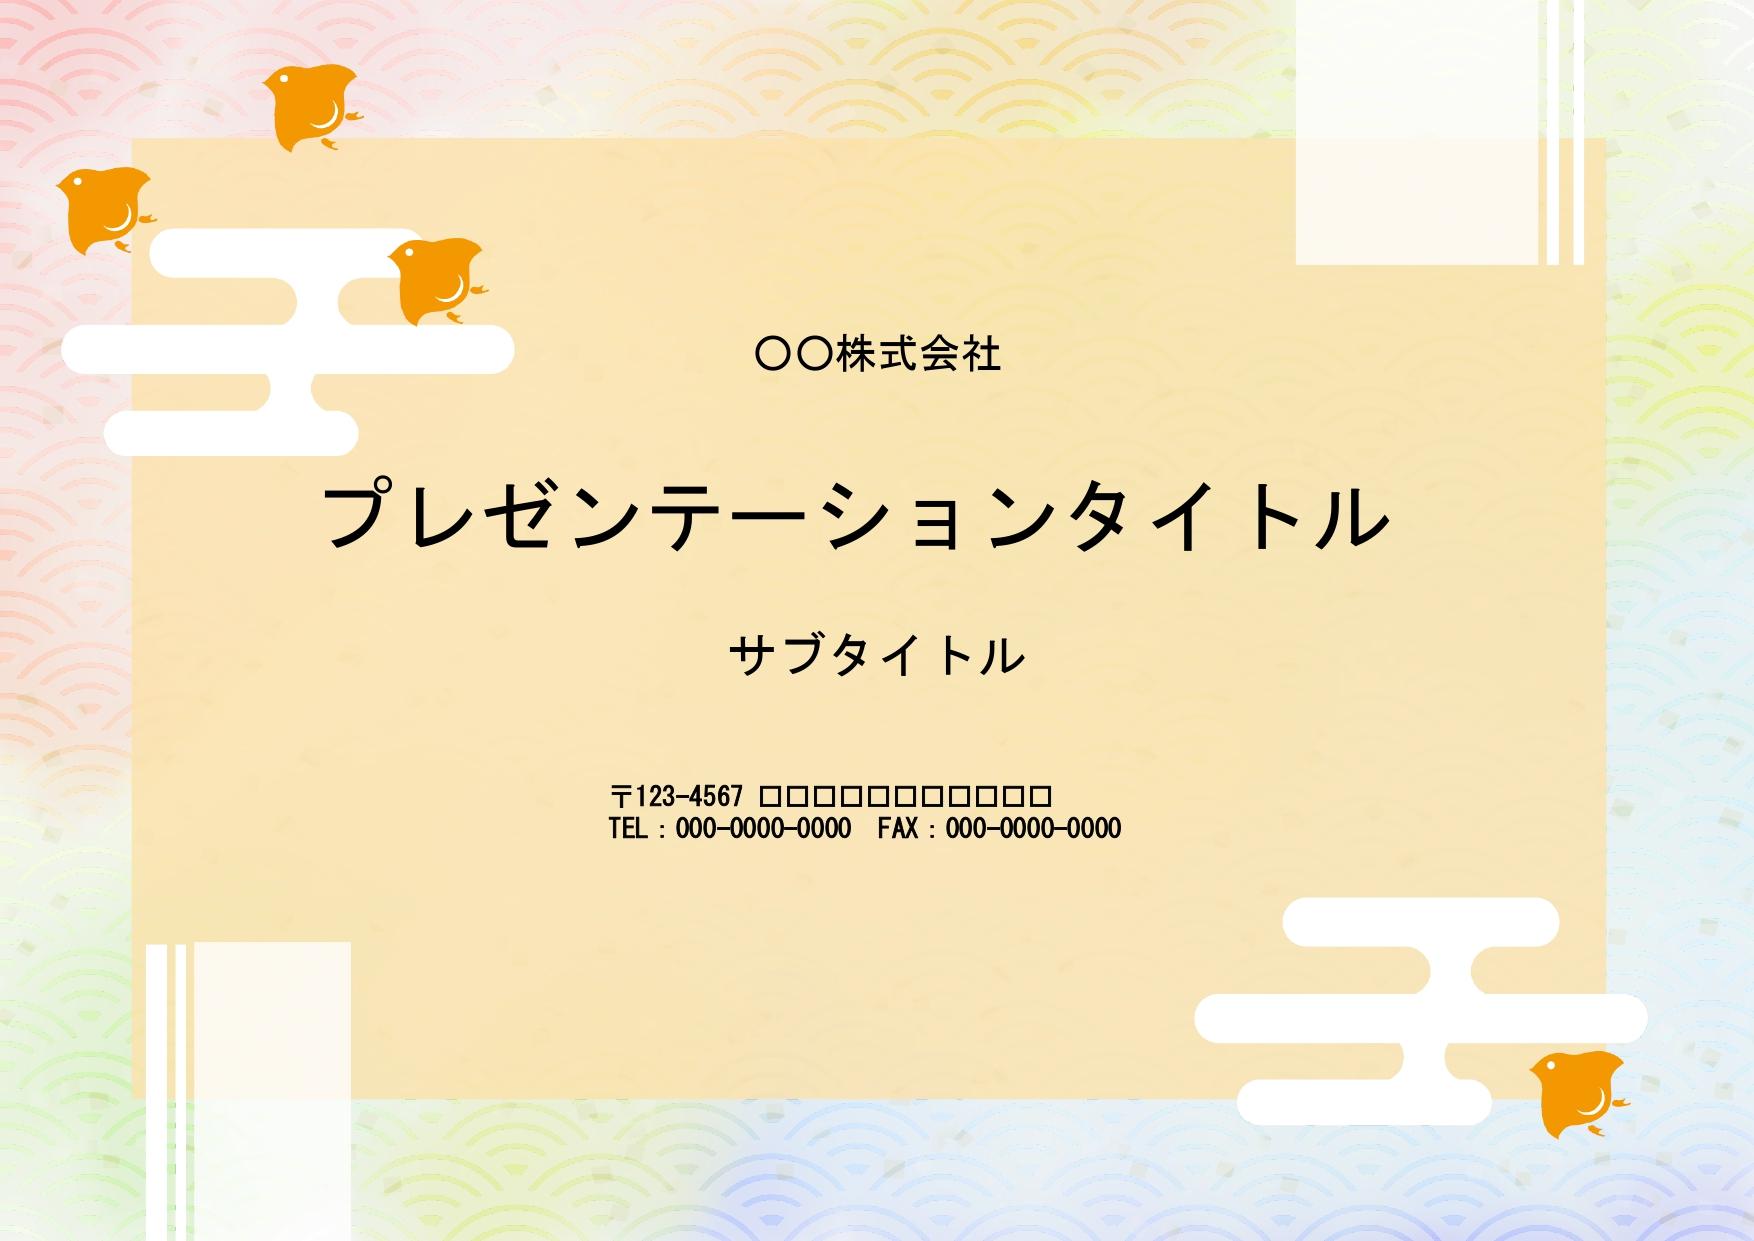 千鳥と青海波(波線)パワーポイント「オレンジ」